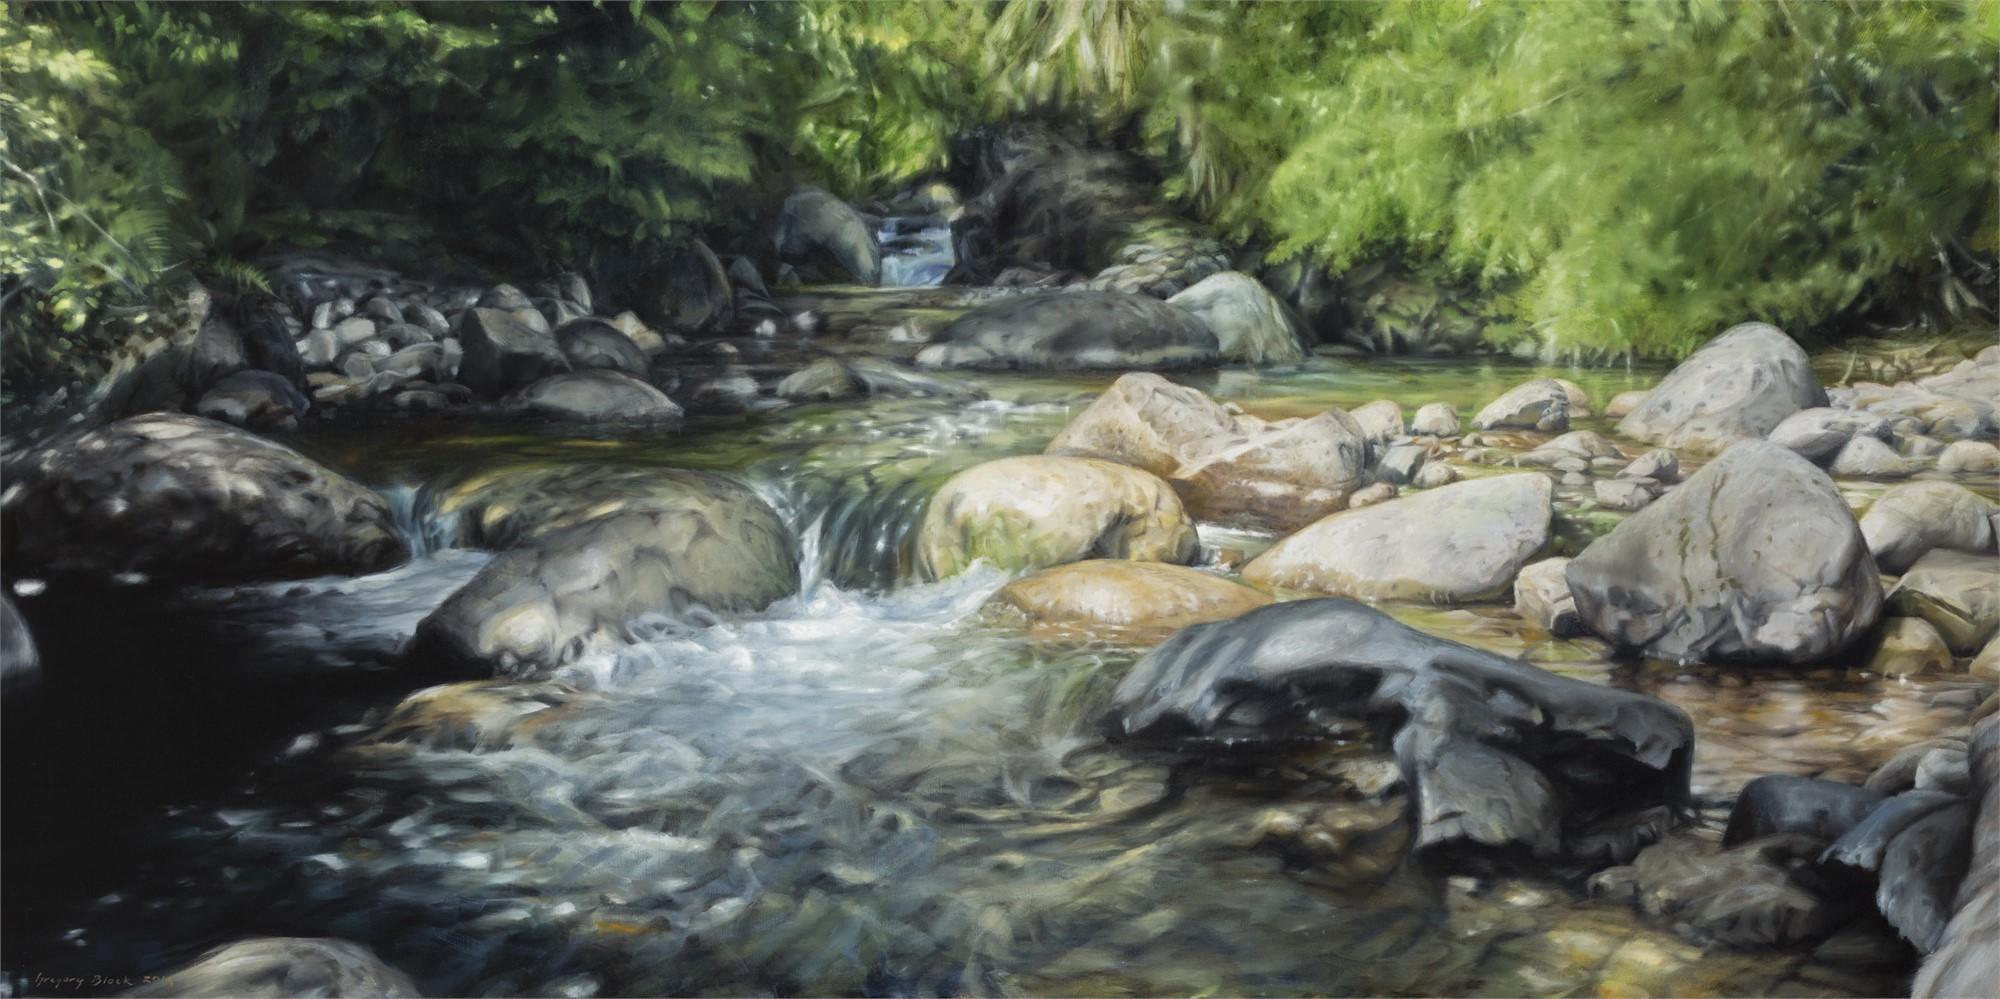 Rio Cochamo by Gregory Block